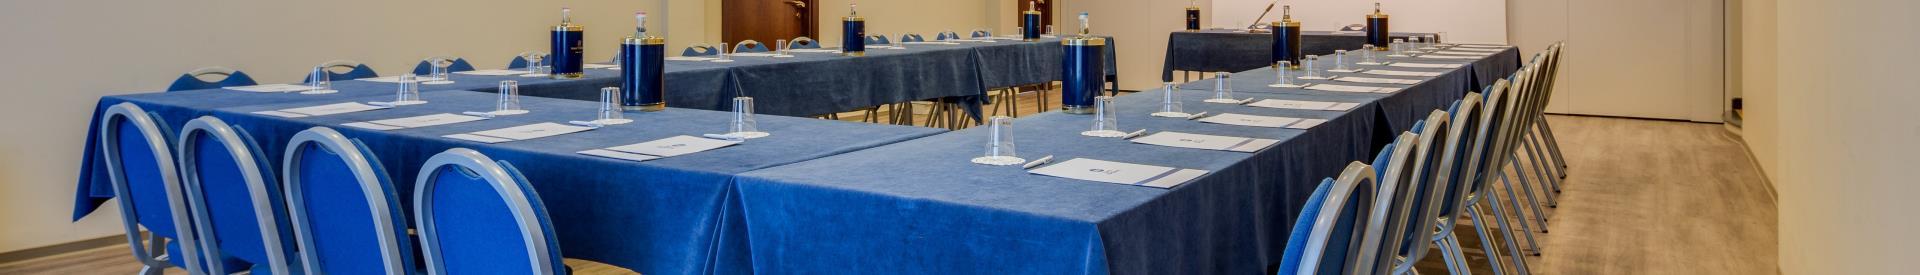 Sala Per Congressi Blu A Verona In Hotel 4 Stelle Bw